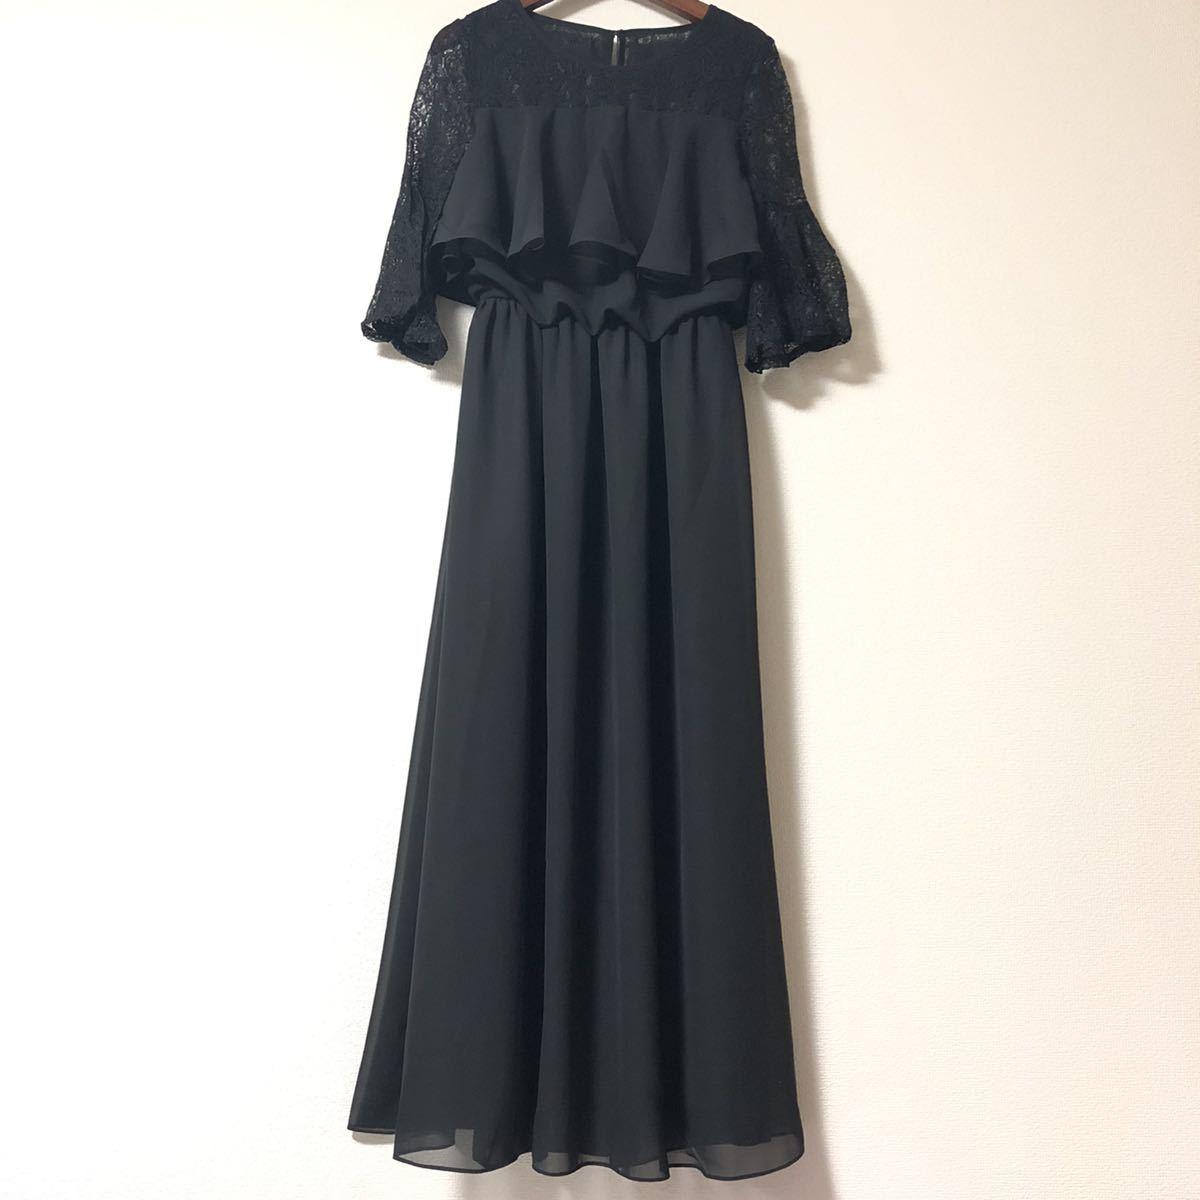 ロングドレス シフォン 結婚式ドレス レース ハイウエスト パーティー フォーマル ワンピース 体型カバー カジュアルドレス ブラック XL